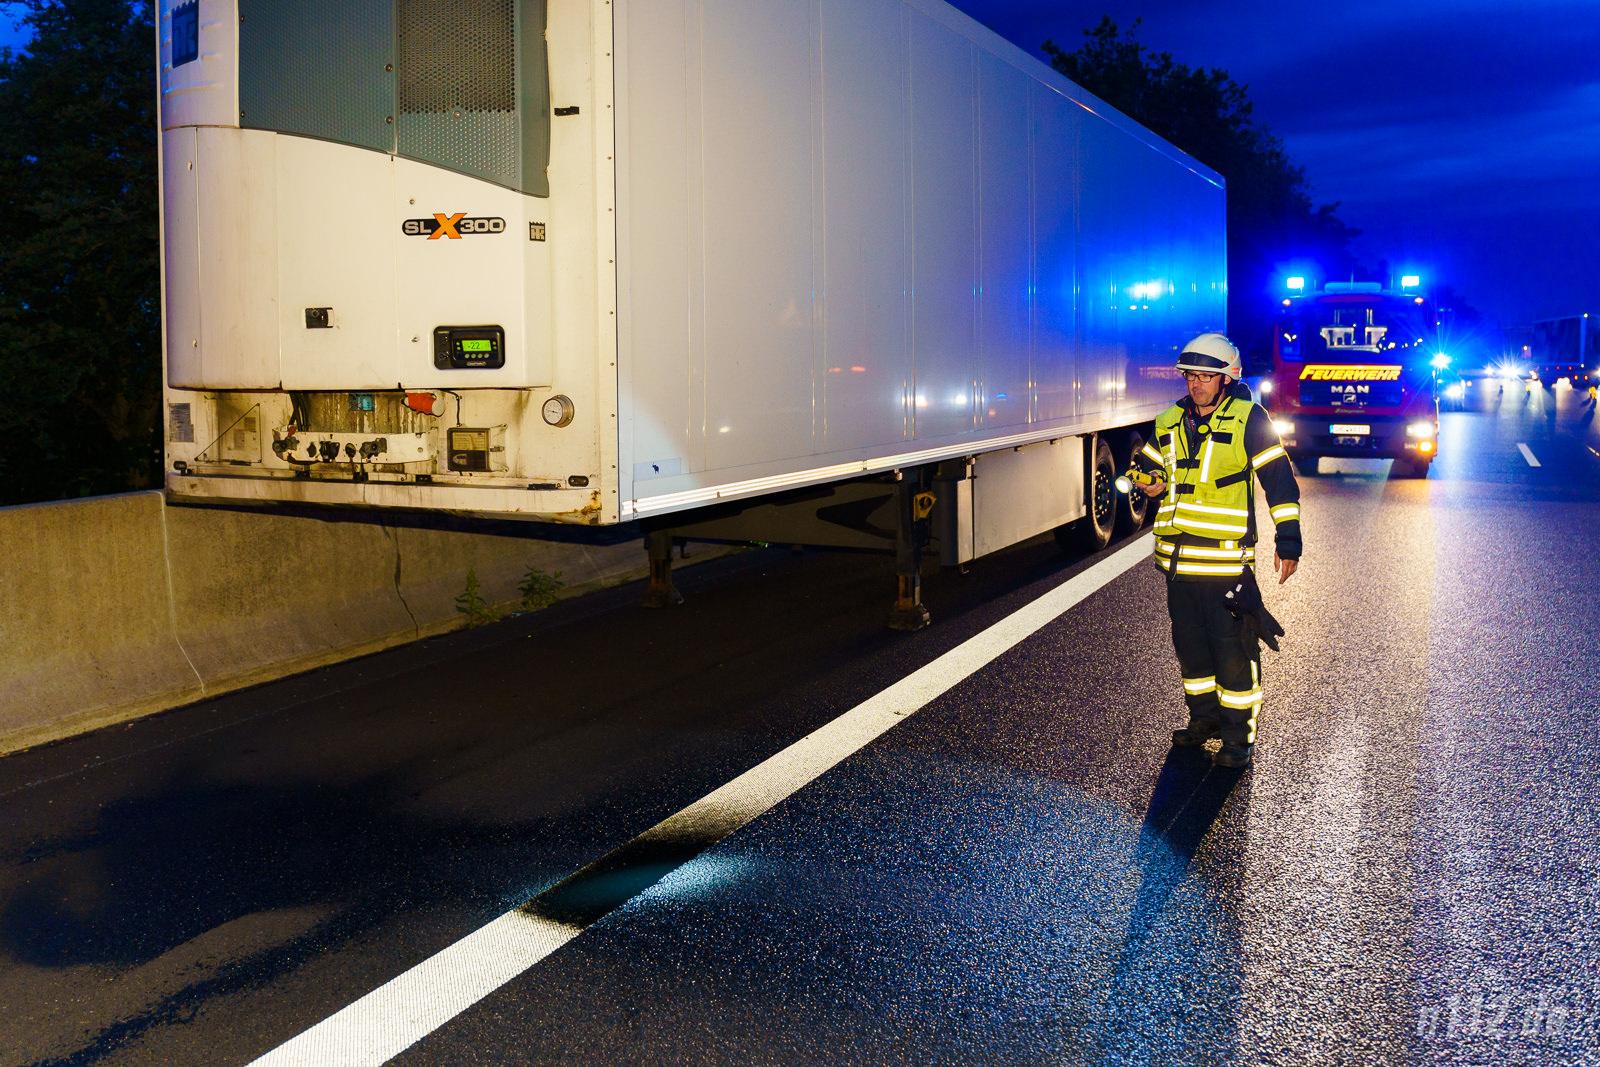 Der abgekoppelte Anhänger steht auf dem Standstreifen, ein Feuerwehrmann begutachtet eine Öllache (Foto: n112.de/Stefan Simonsen)